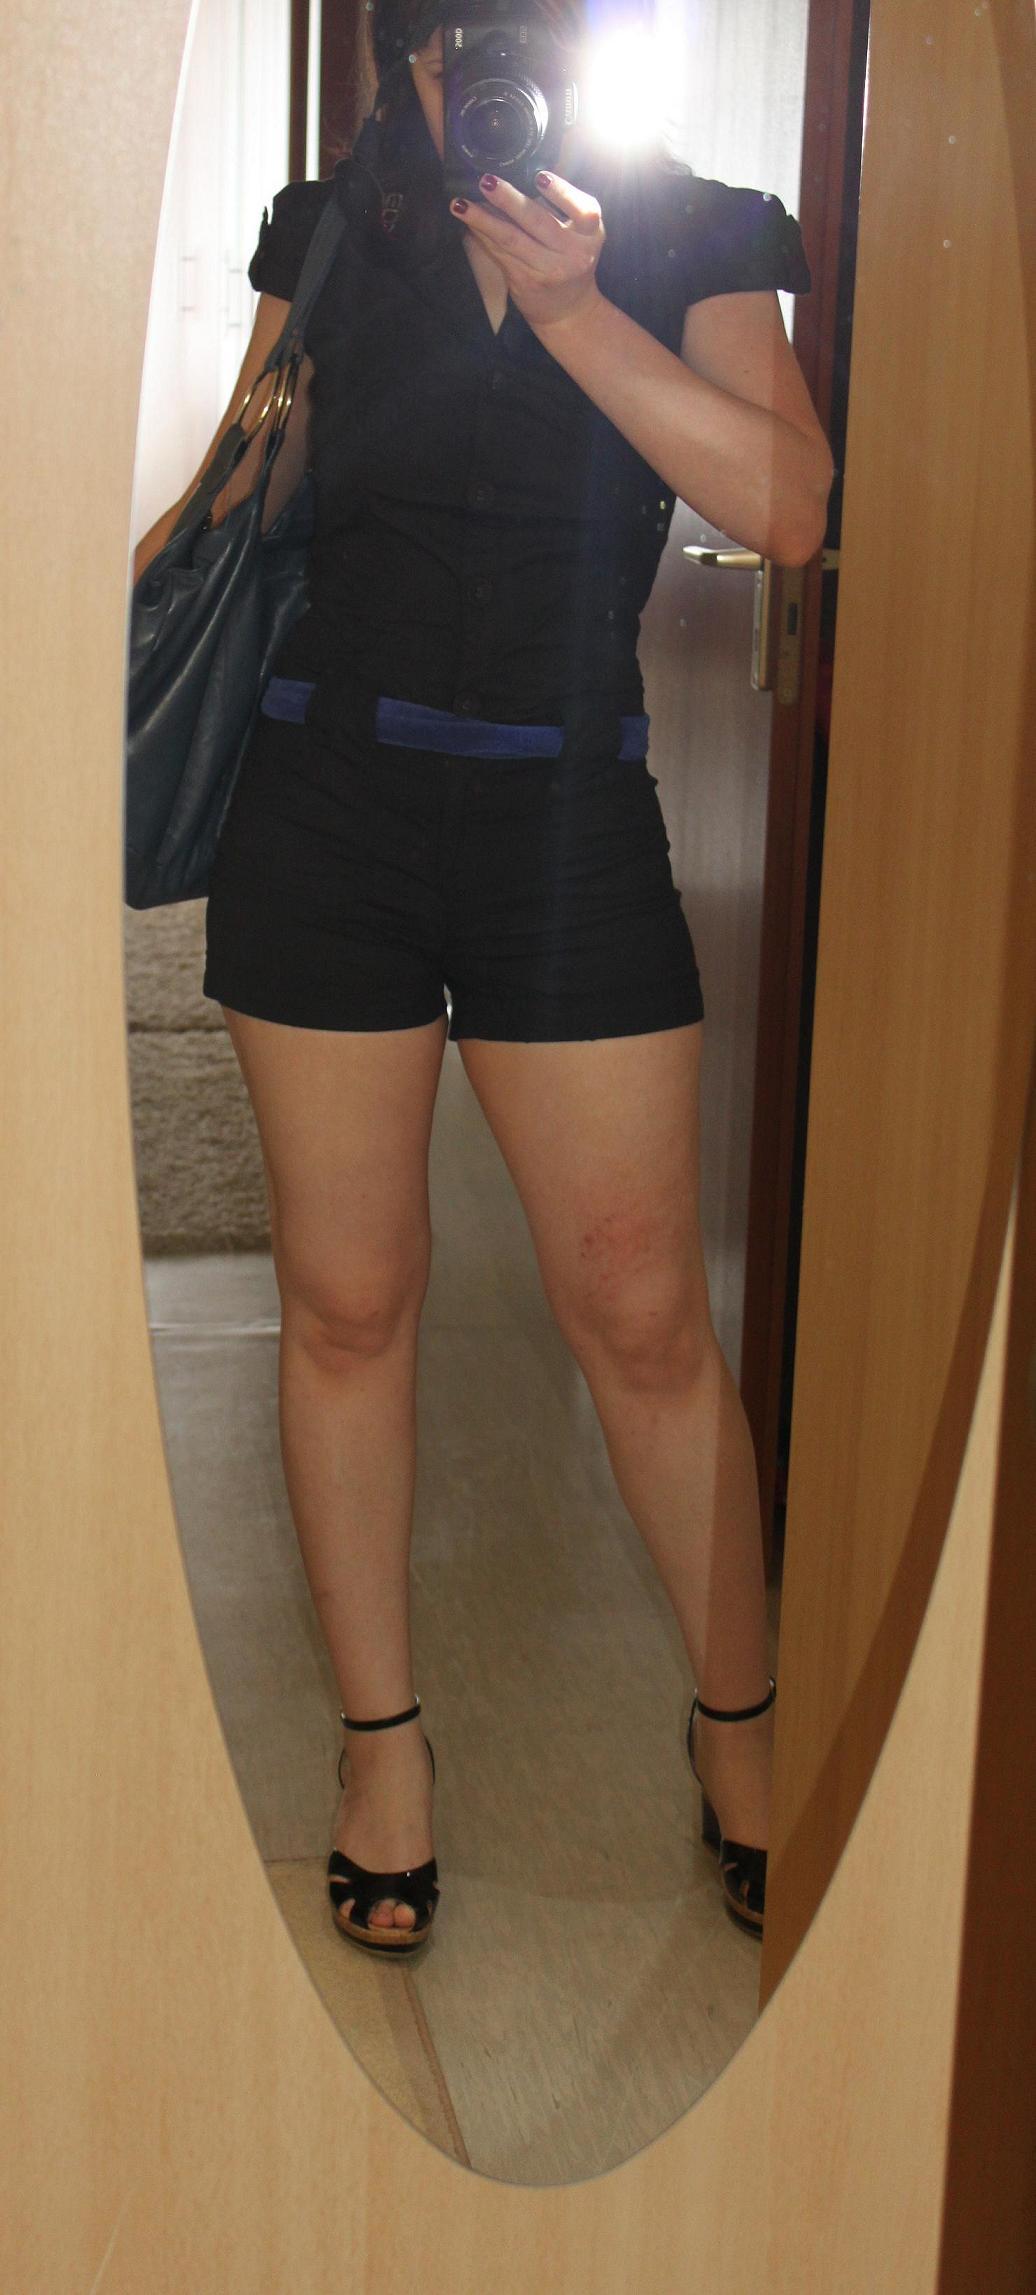 Фото ляжек с толстыми коленями 11 фотография